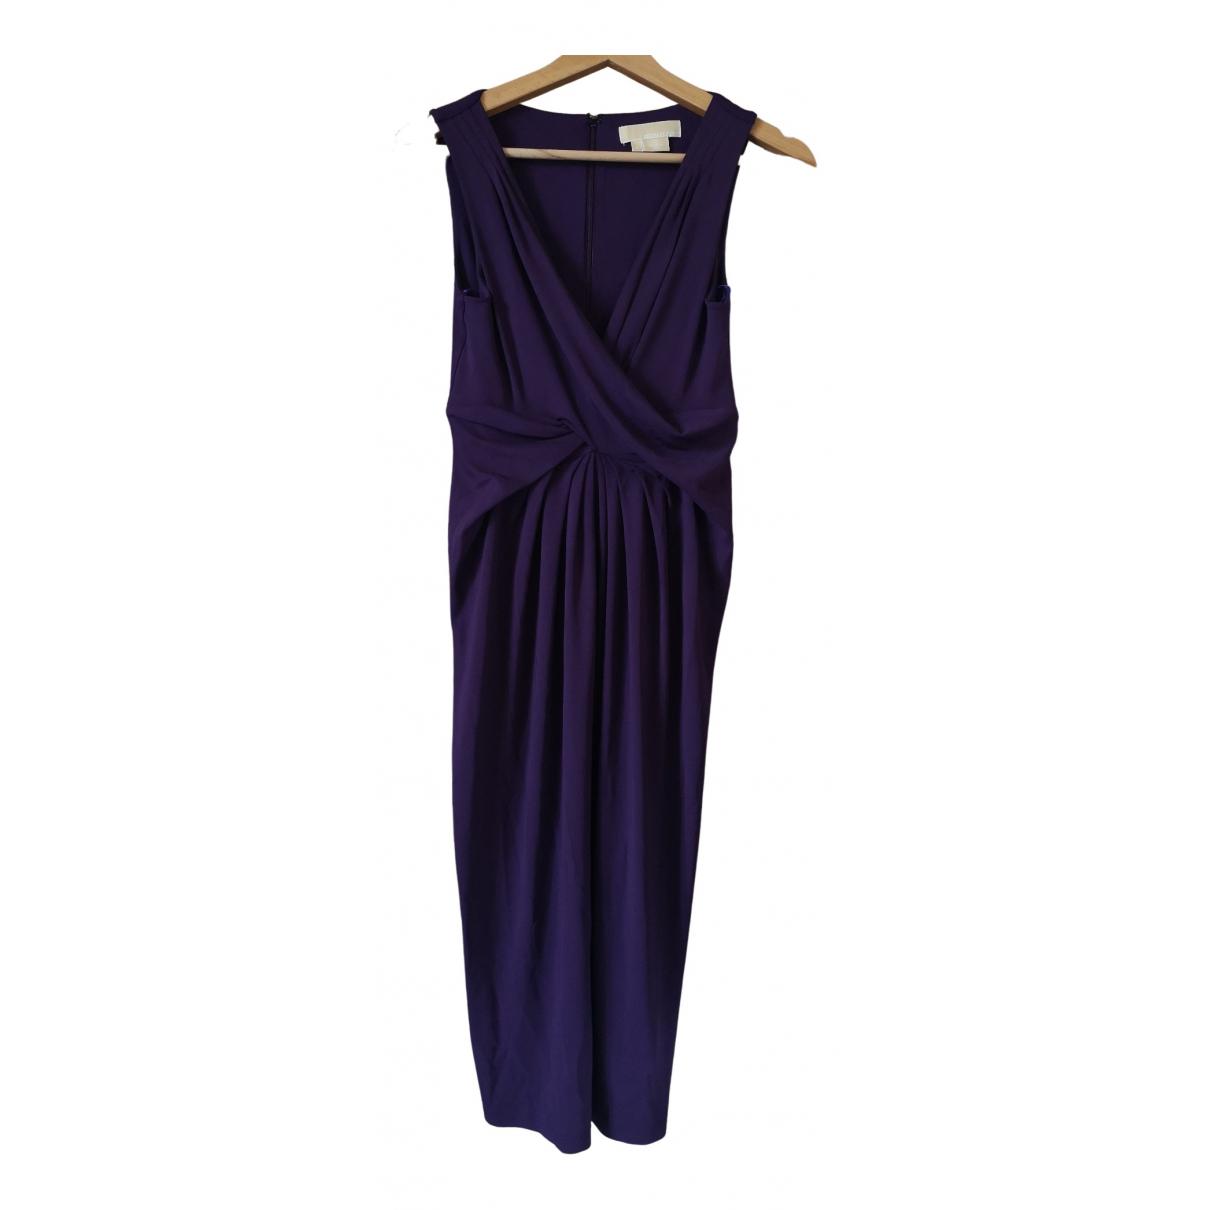 Michael Kors \N Kleid in  Lila Synthetik